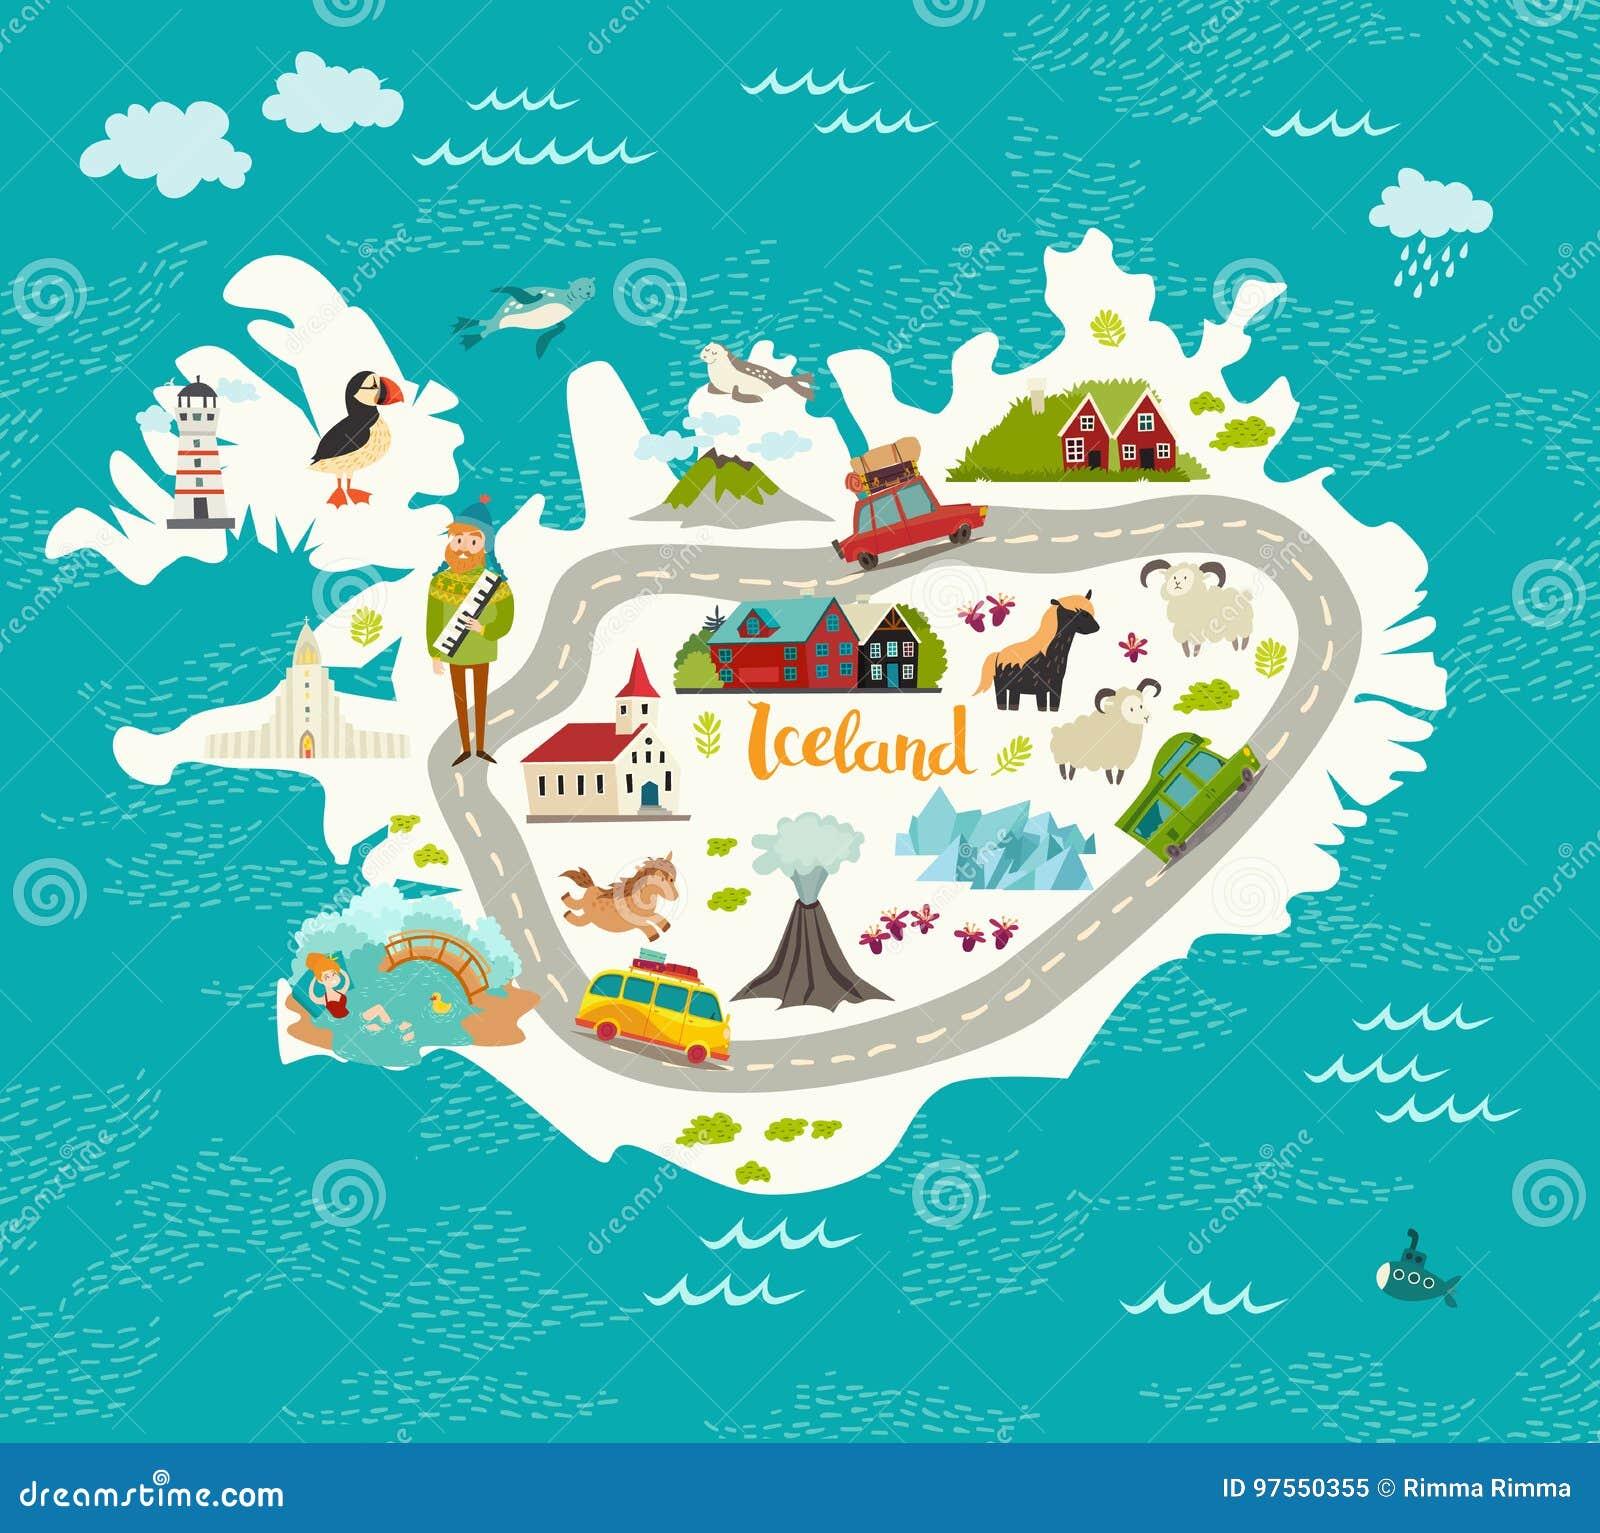 Ejemplo del vector del mapa de Islandia